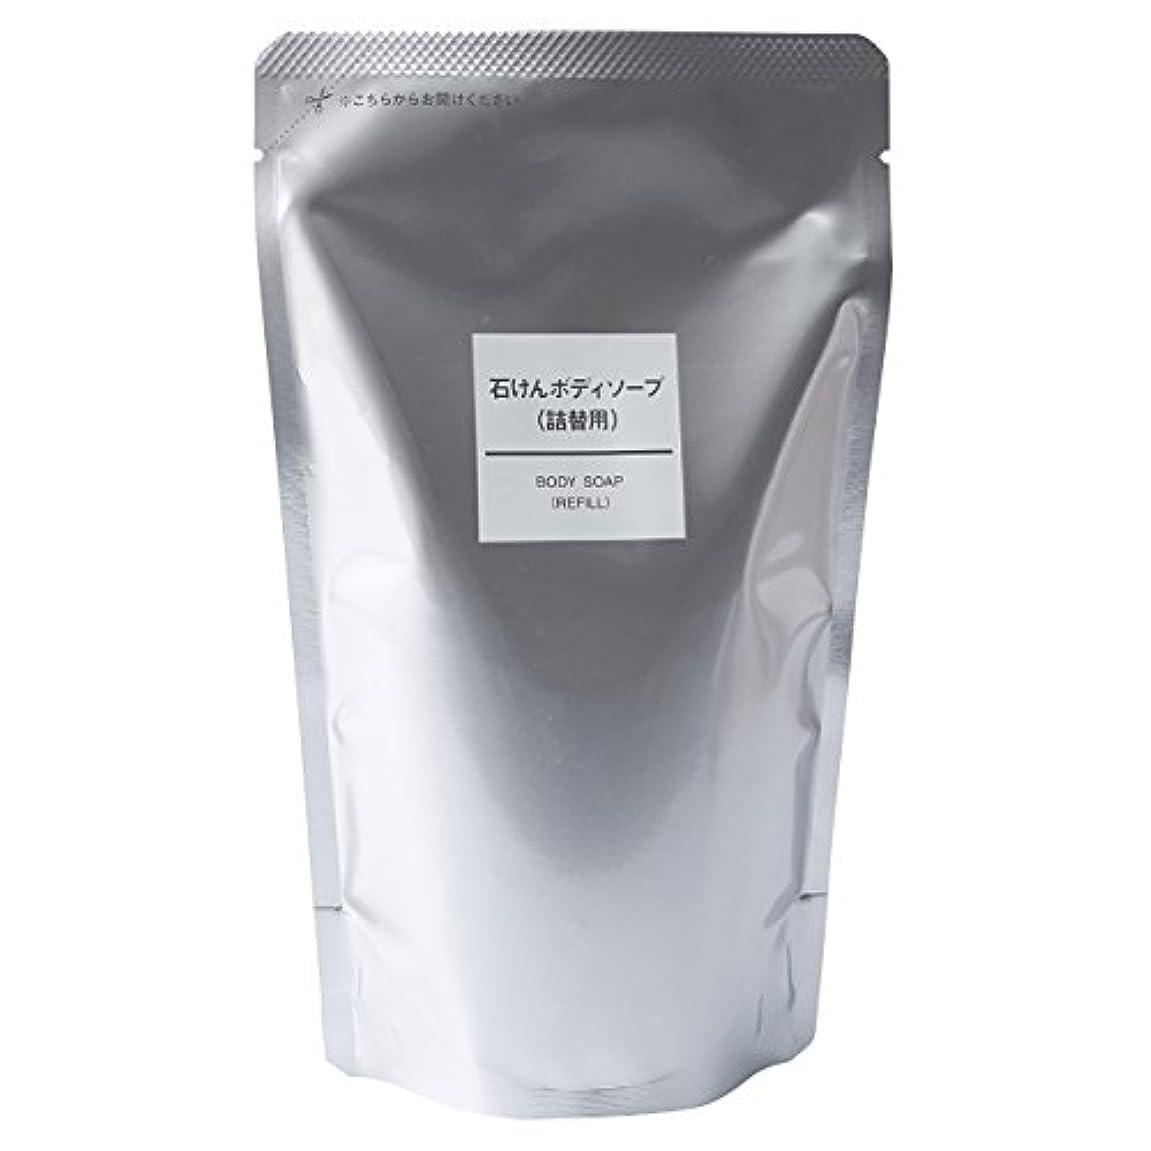 エゴイズム肥満泥無印良品 石けんボディソープ(詰替用) (新)350ml 日本製